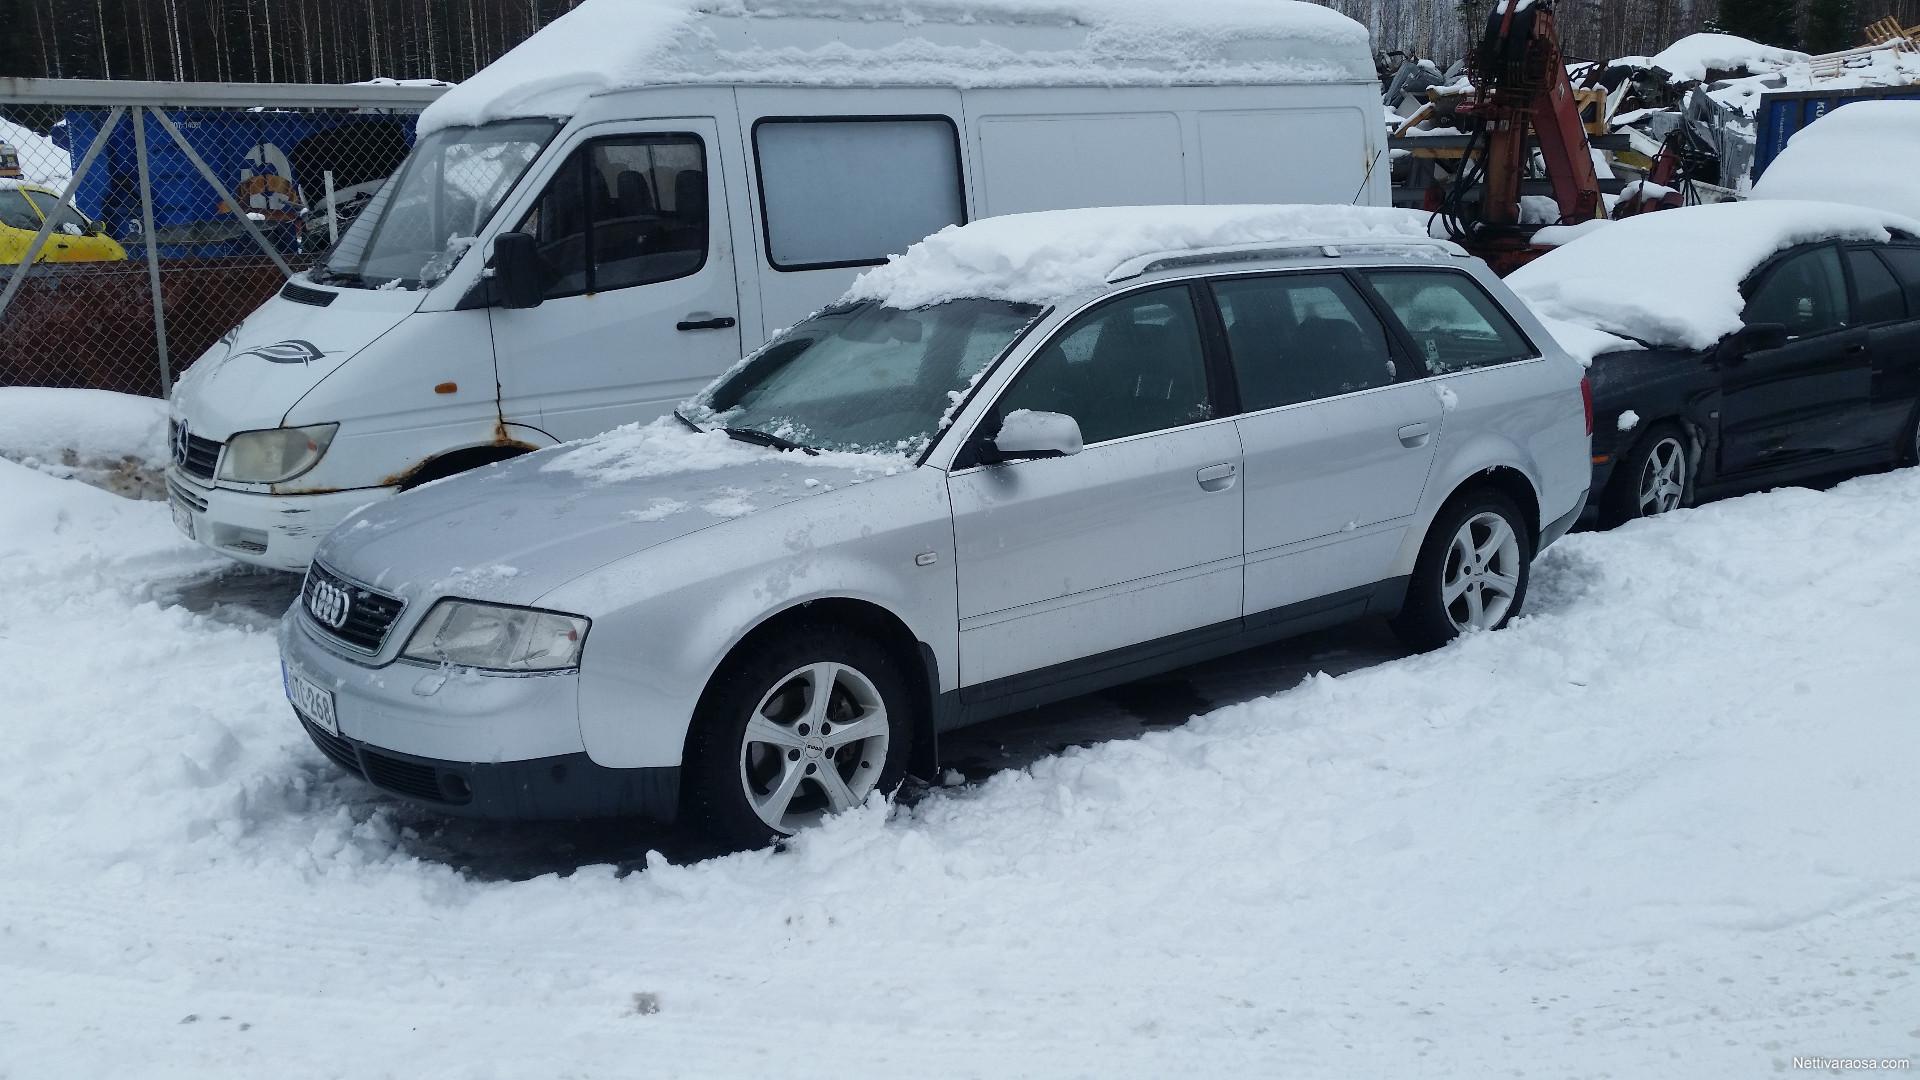 Nettivaraosa Audi A6 2 5tdi Man 1999 Varaosa Ja Kolariautot Nettivaraosa